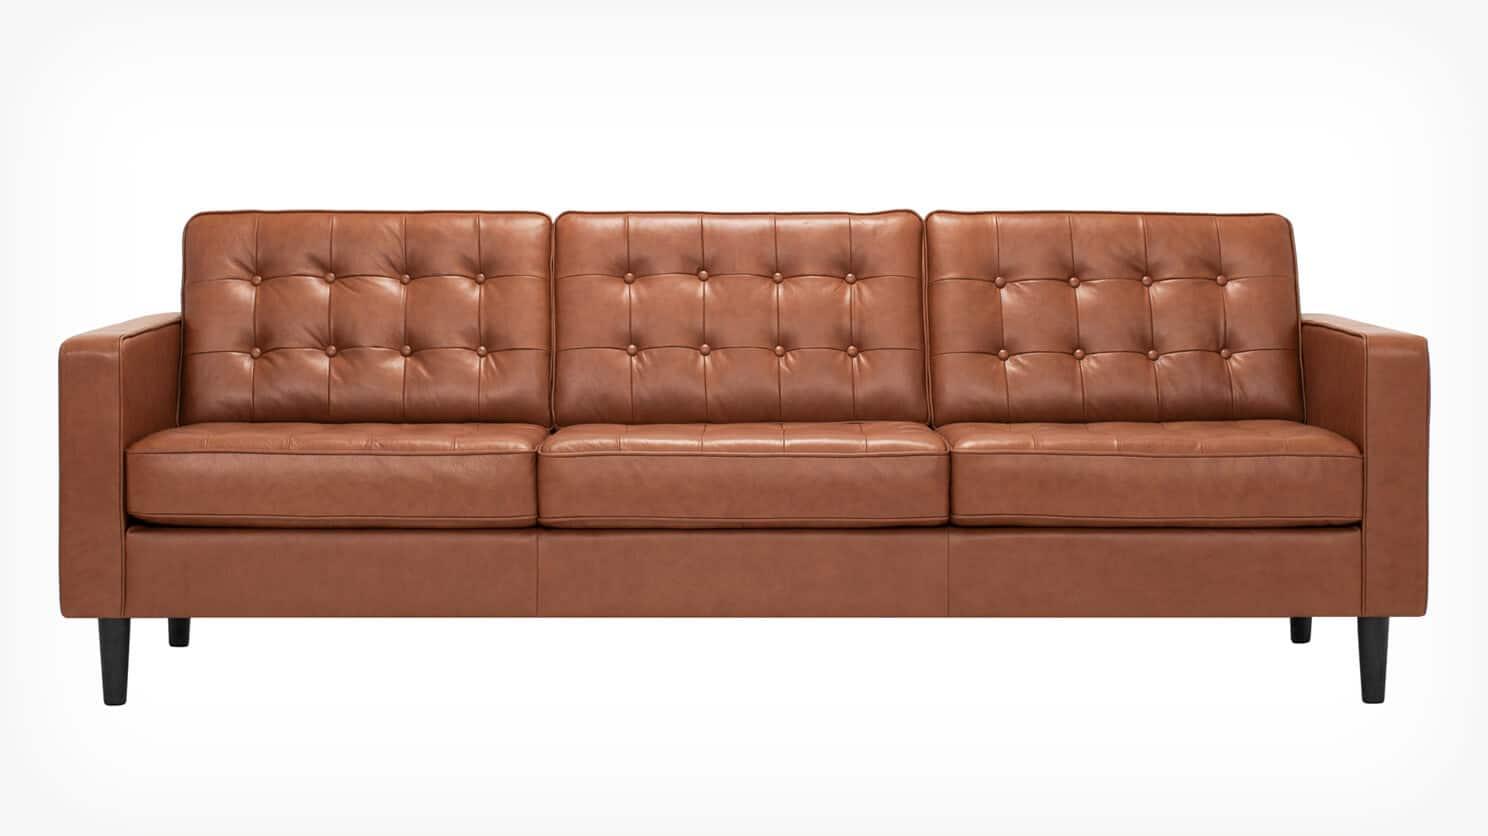 37095 s3 01 reverie 92 sofa classic sahara front